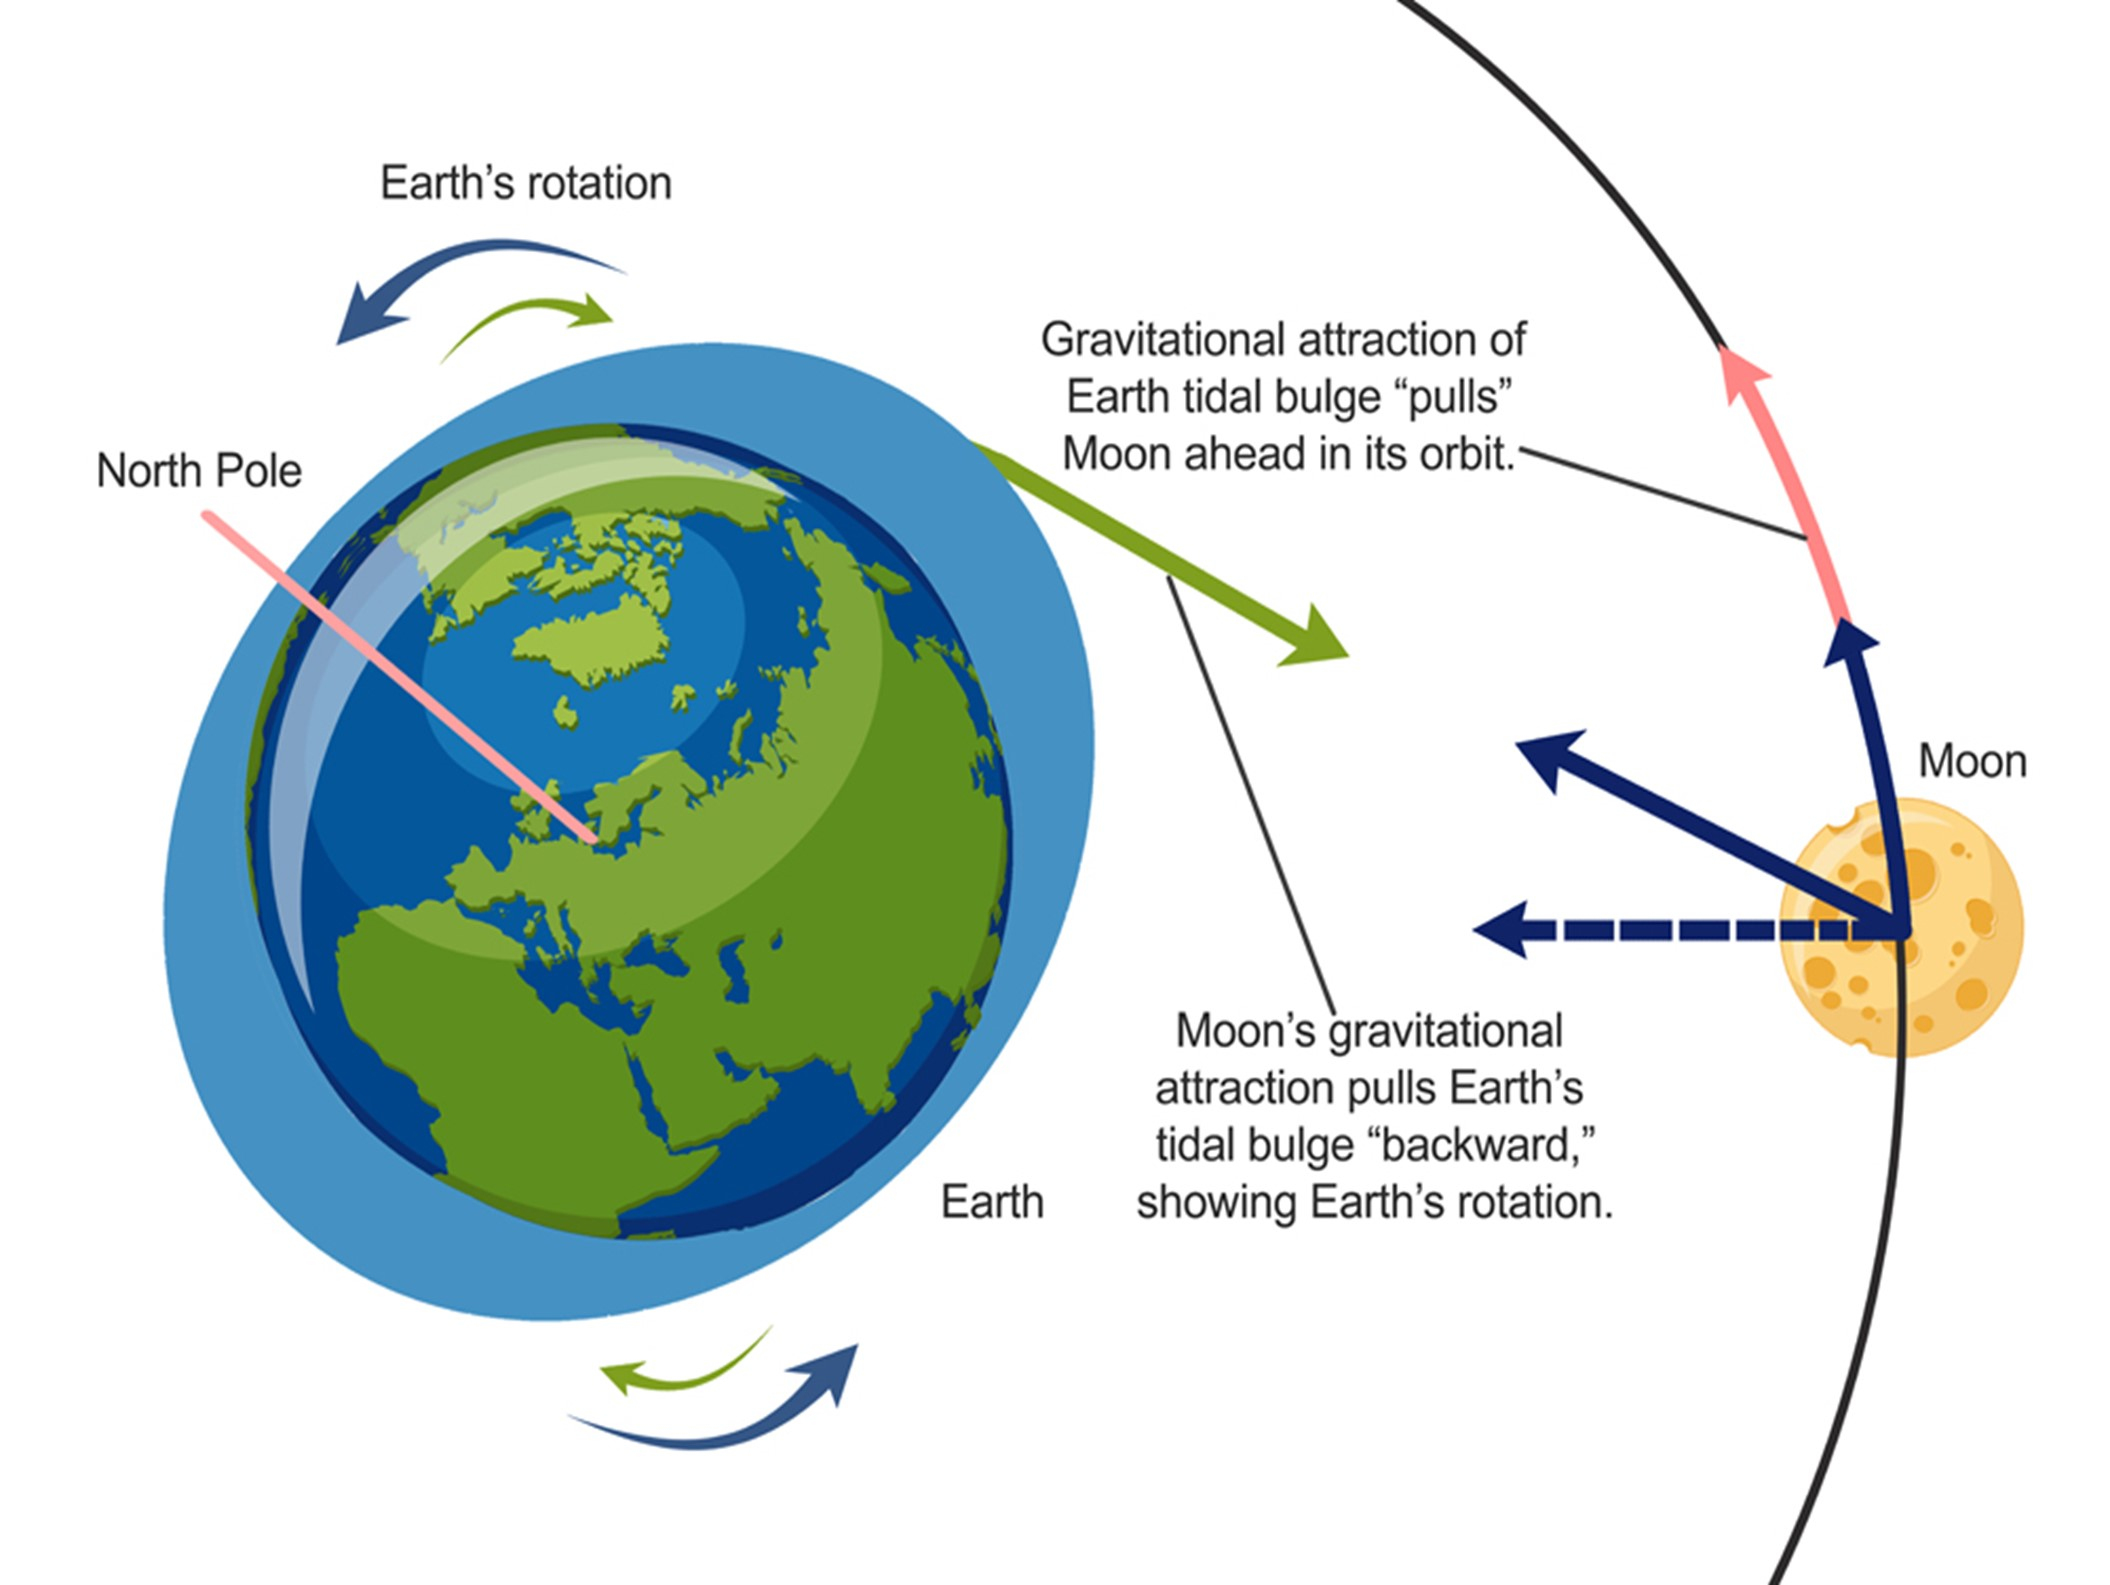 يؤدي امتداد محيطات الأرض إلى زيادة نصف قطر مدار القمر حول كوكبنا.